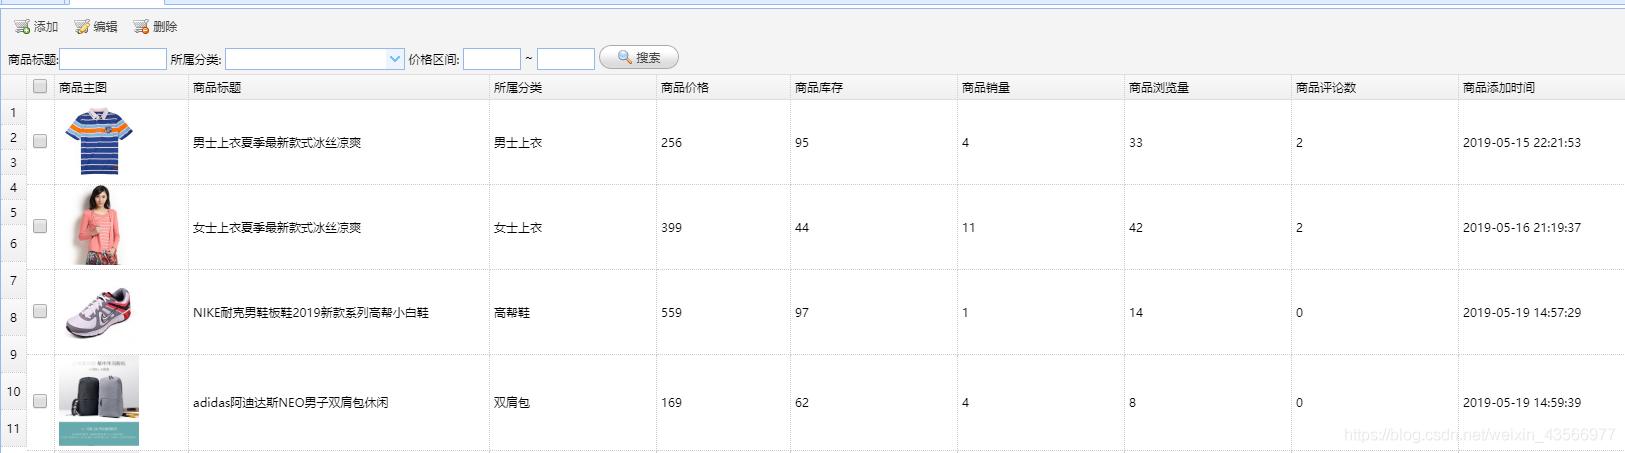 商品列表界面